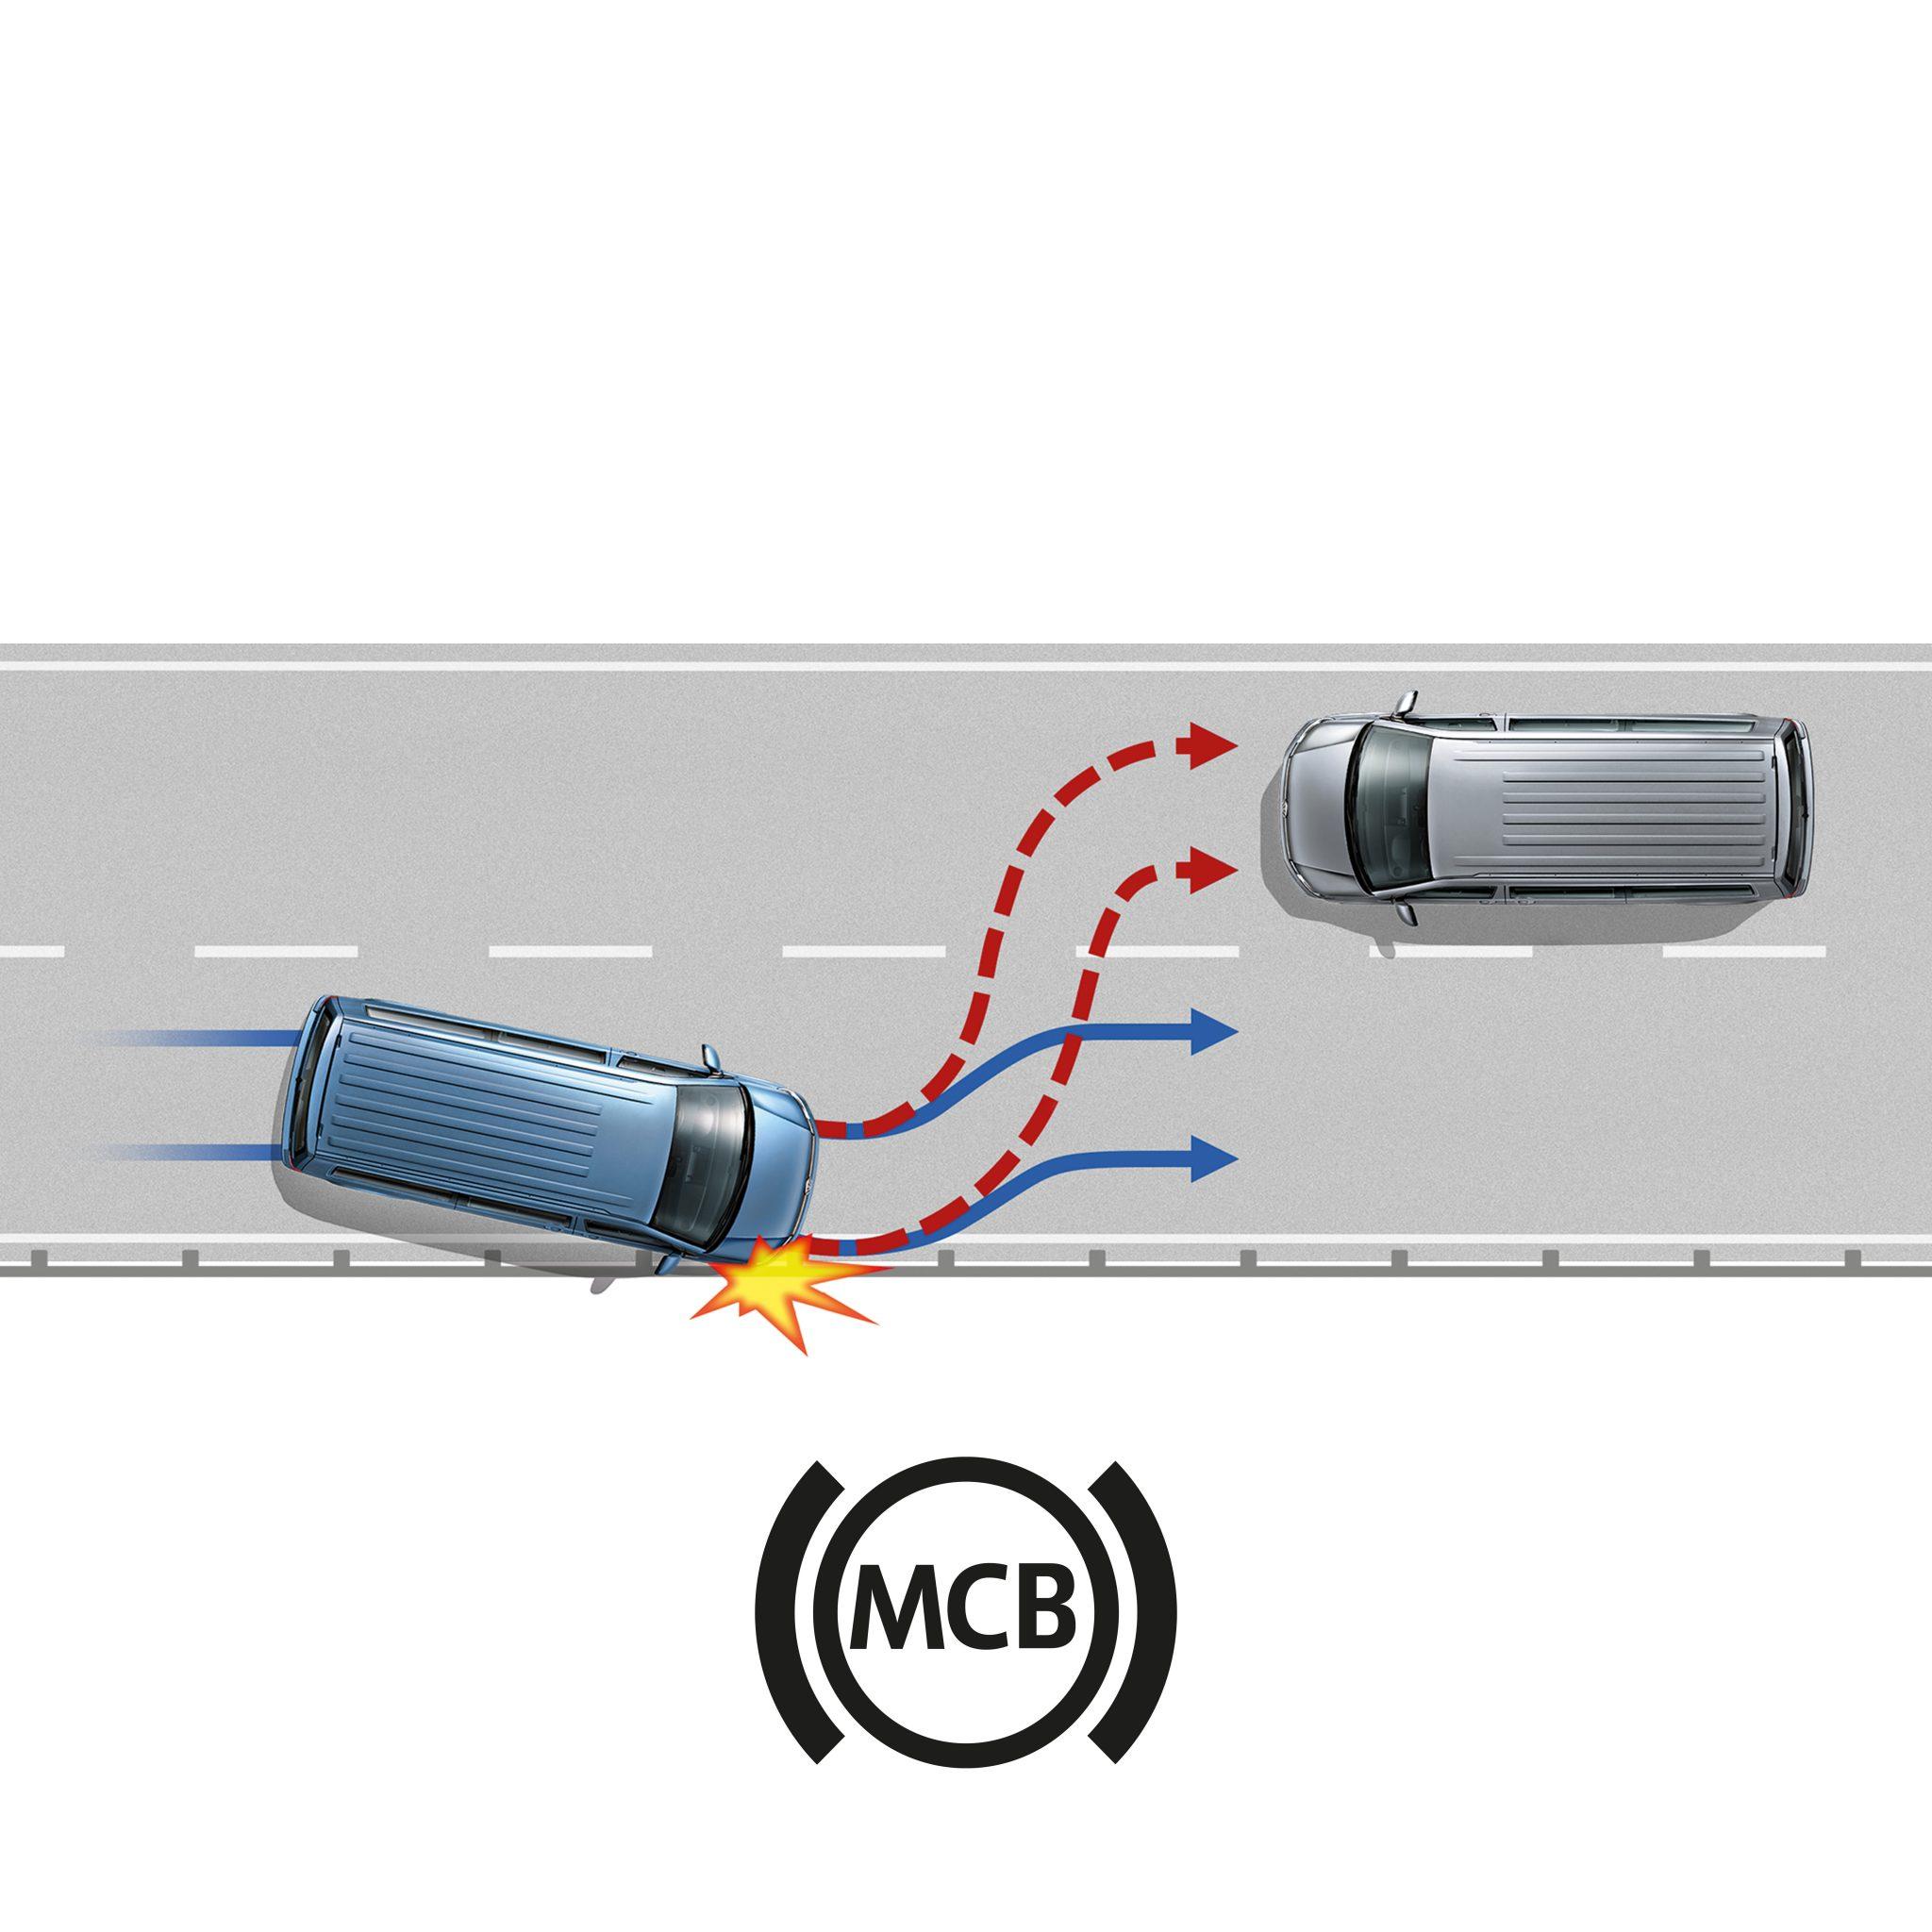 Автоматическая система послеаварийного торможения Volkswagen Транспортер